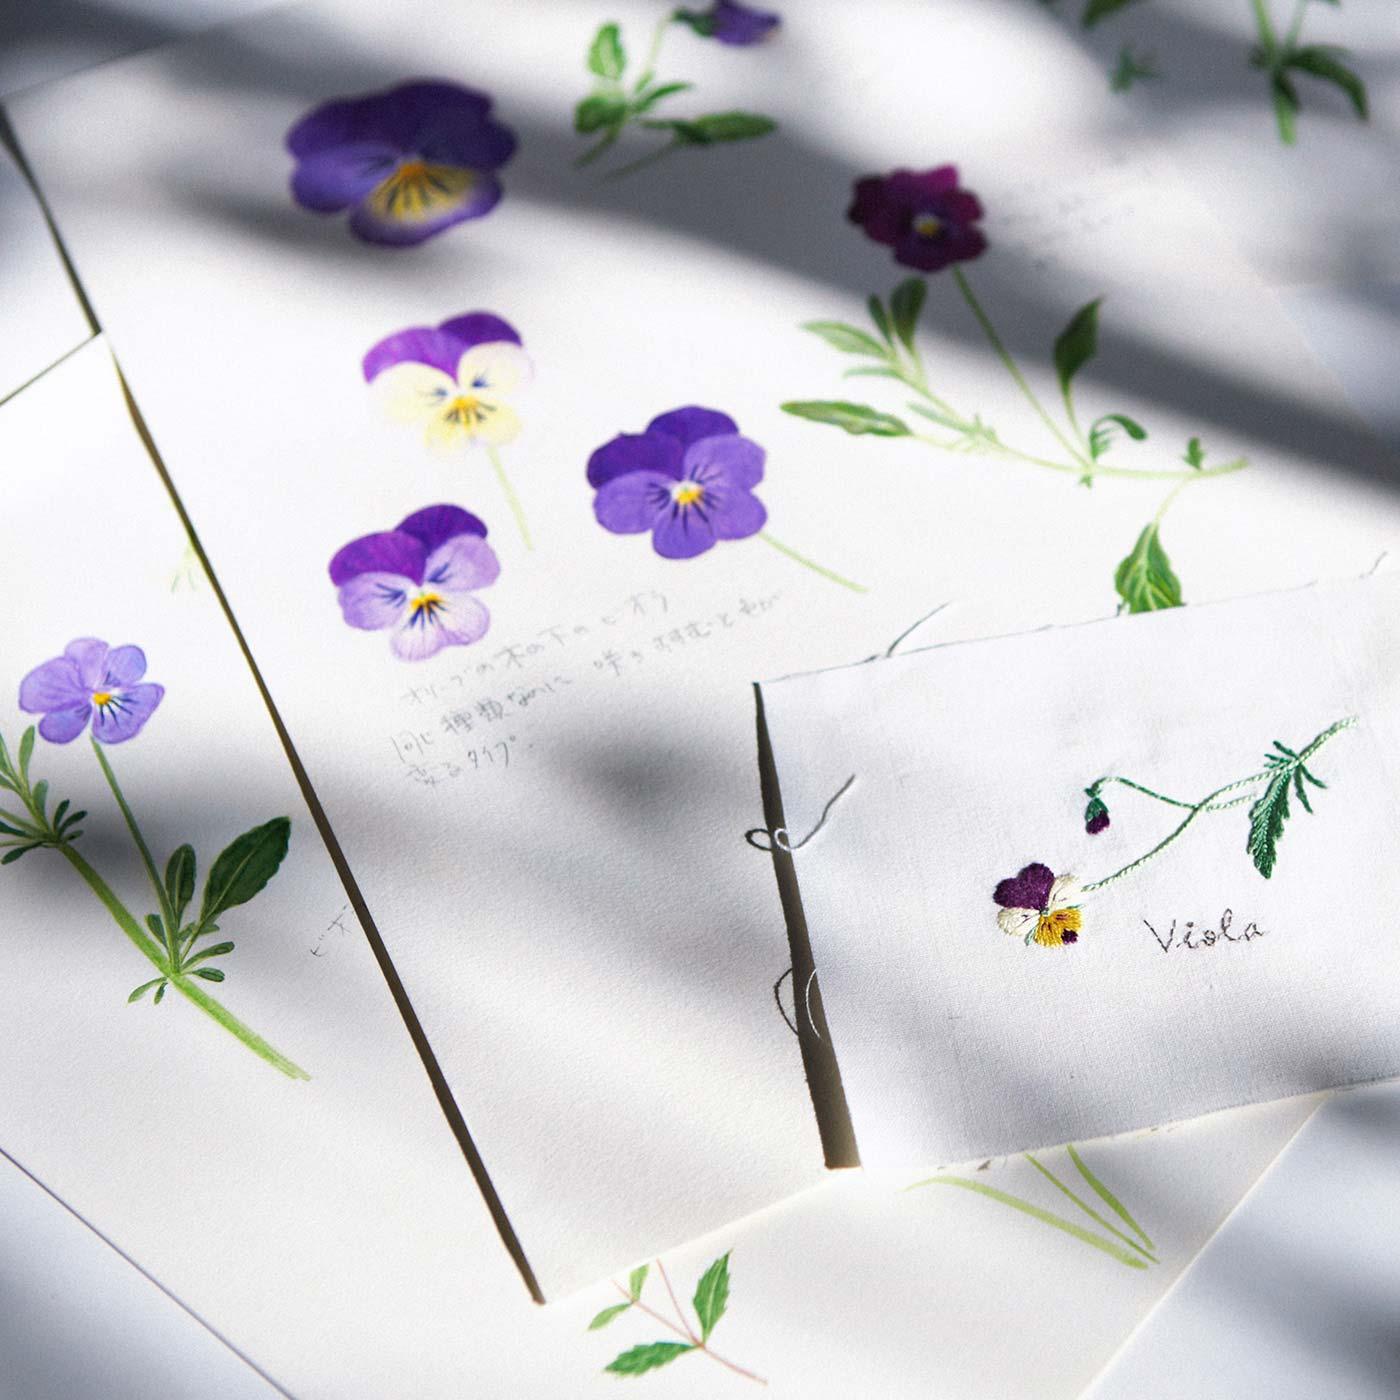 青木 和子さんのアトリエや暮らしなど、この刺しゅうが生まれてきた背景も紹介しています。